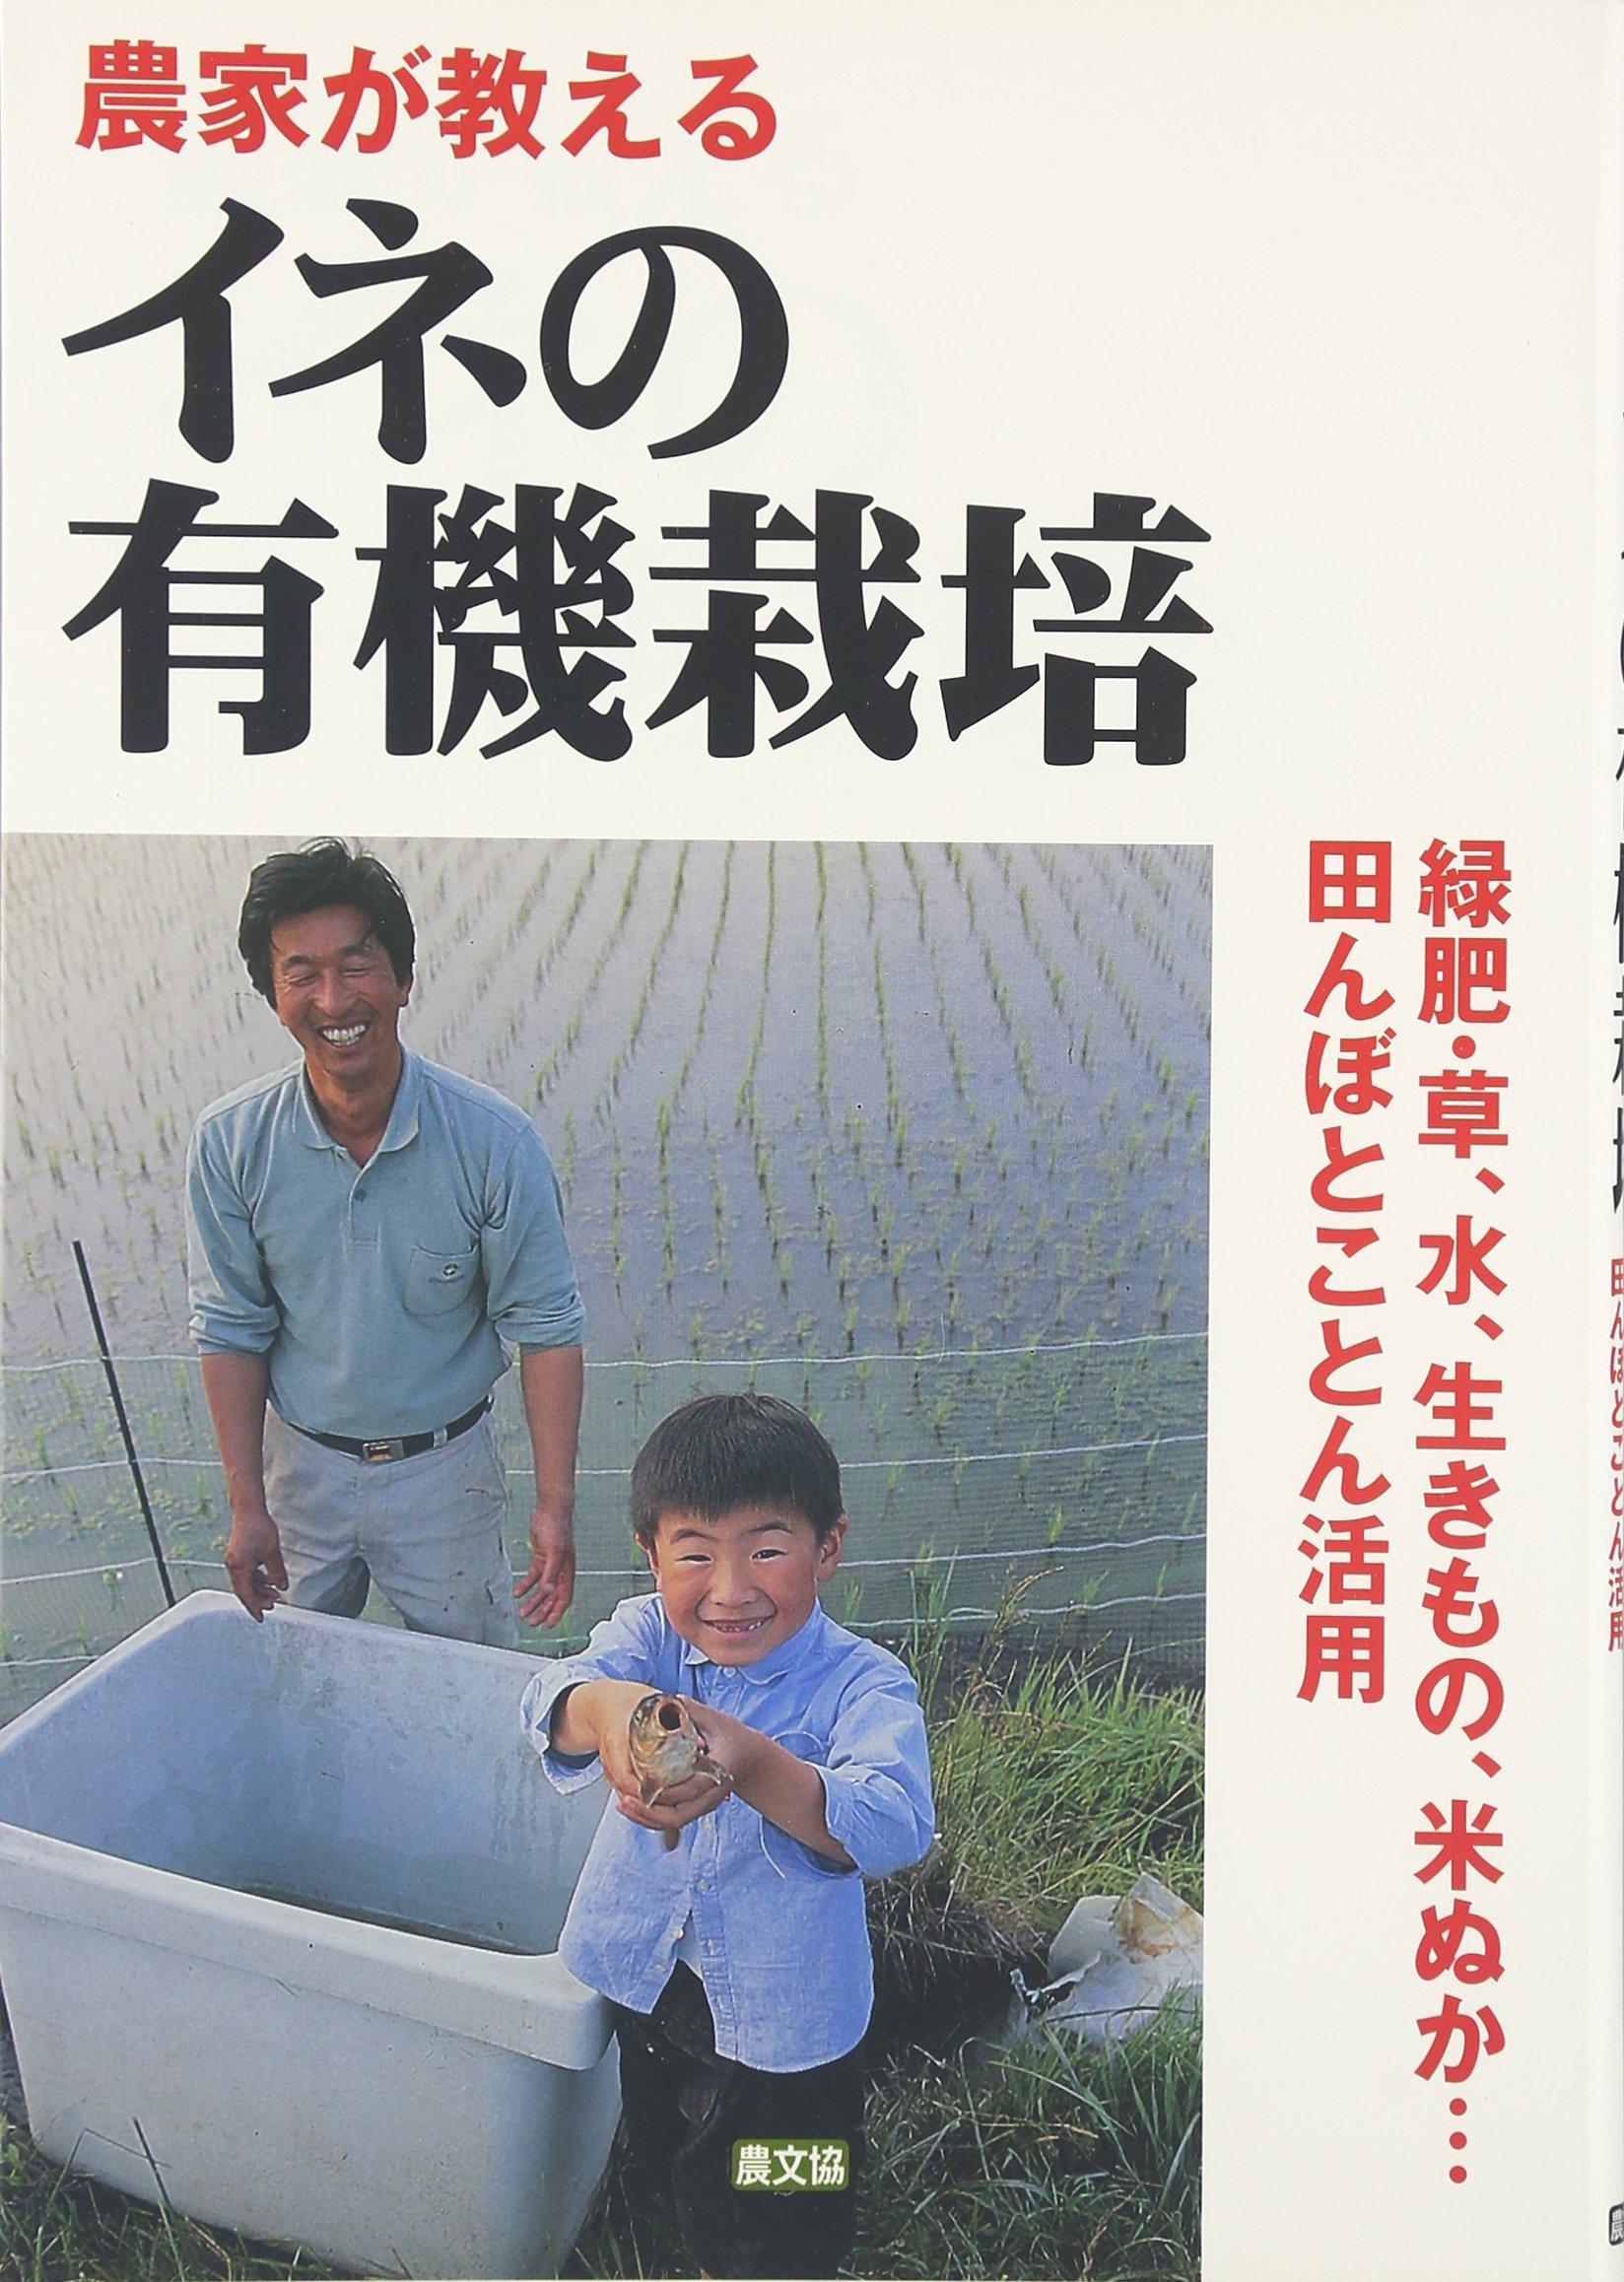 Download Nōka ga oshieru ine no yūki saibai : ryokuhi kusa mizu ikimono komenuka tanbo tokoton katsuyō PDF